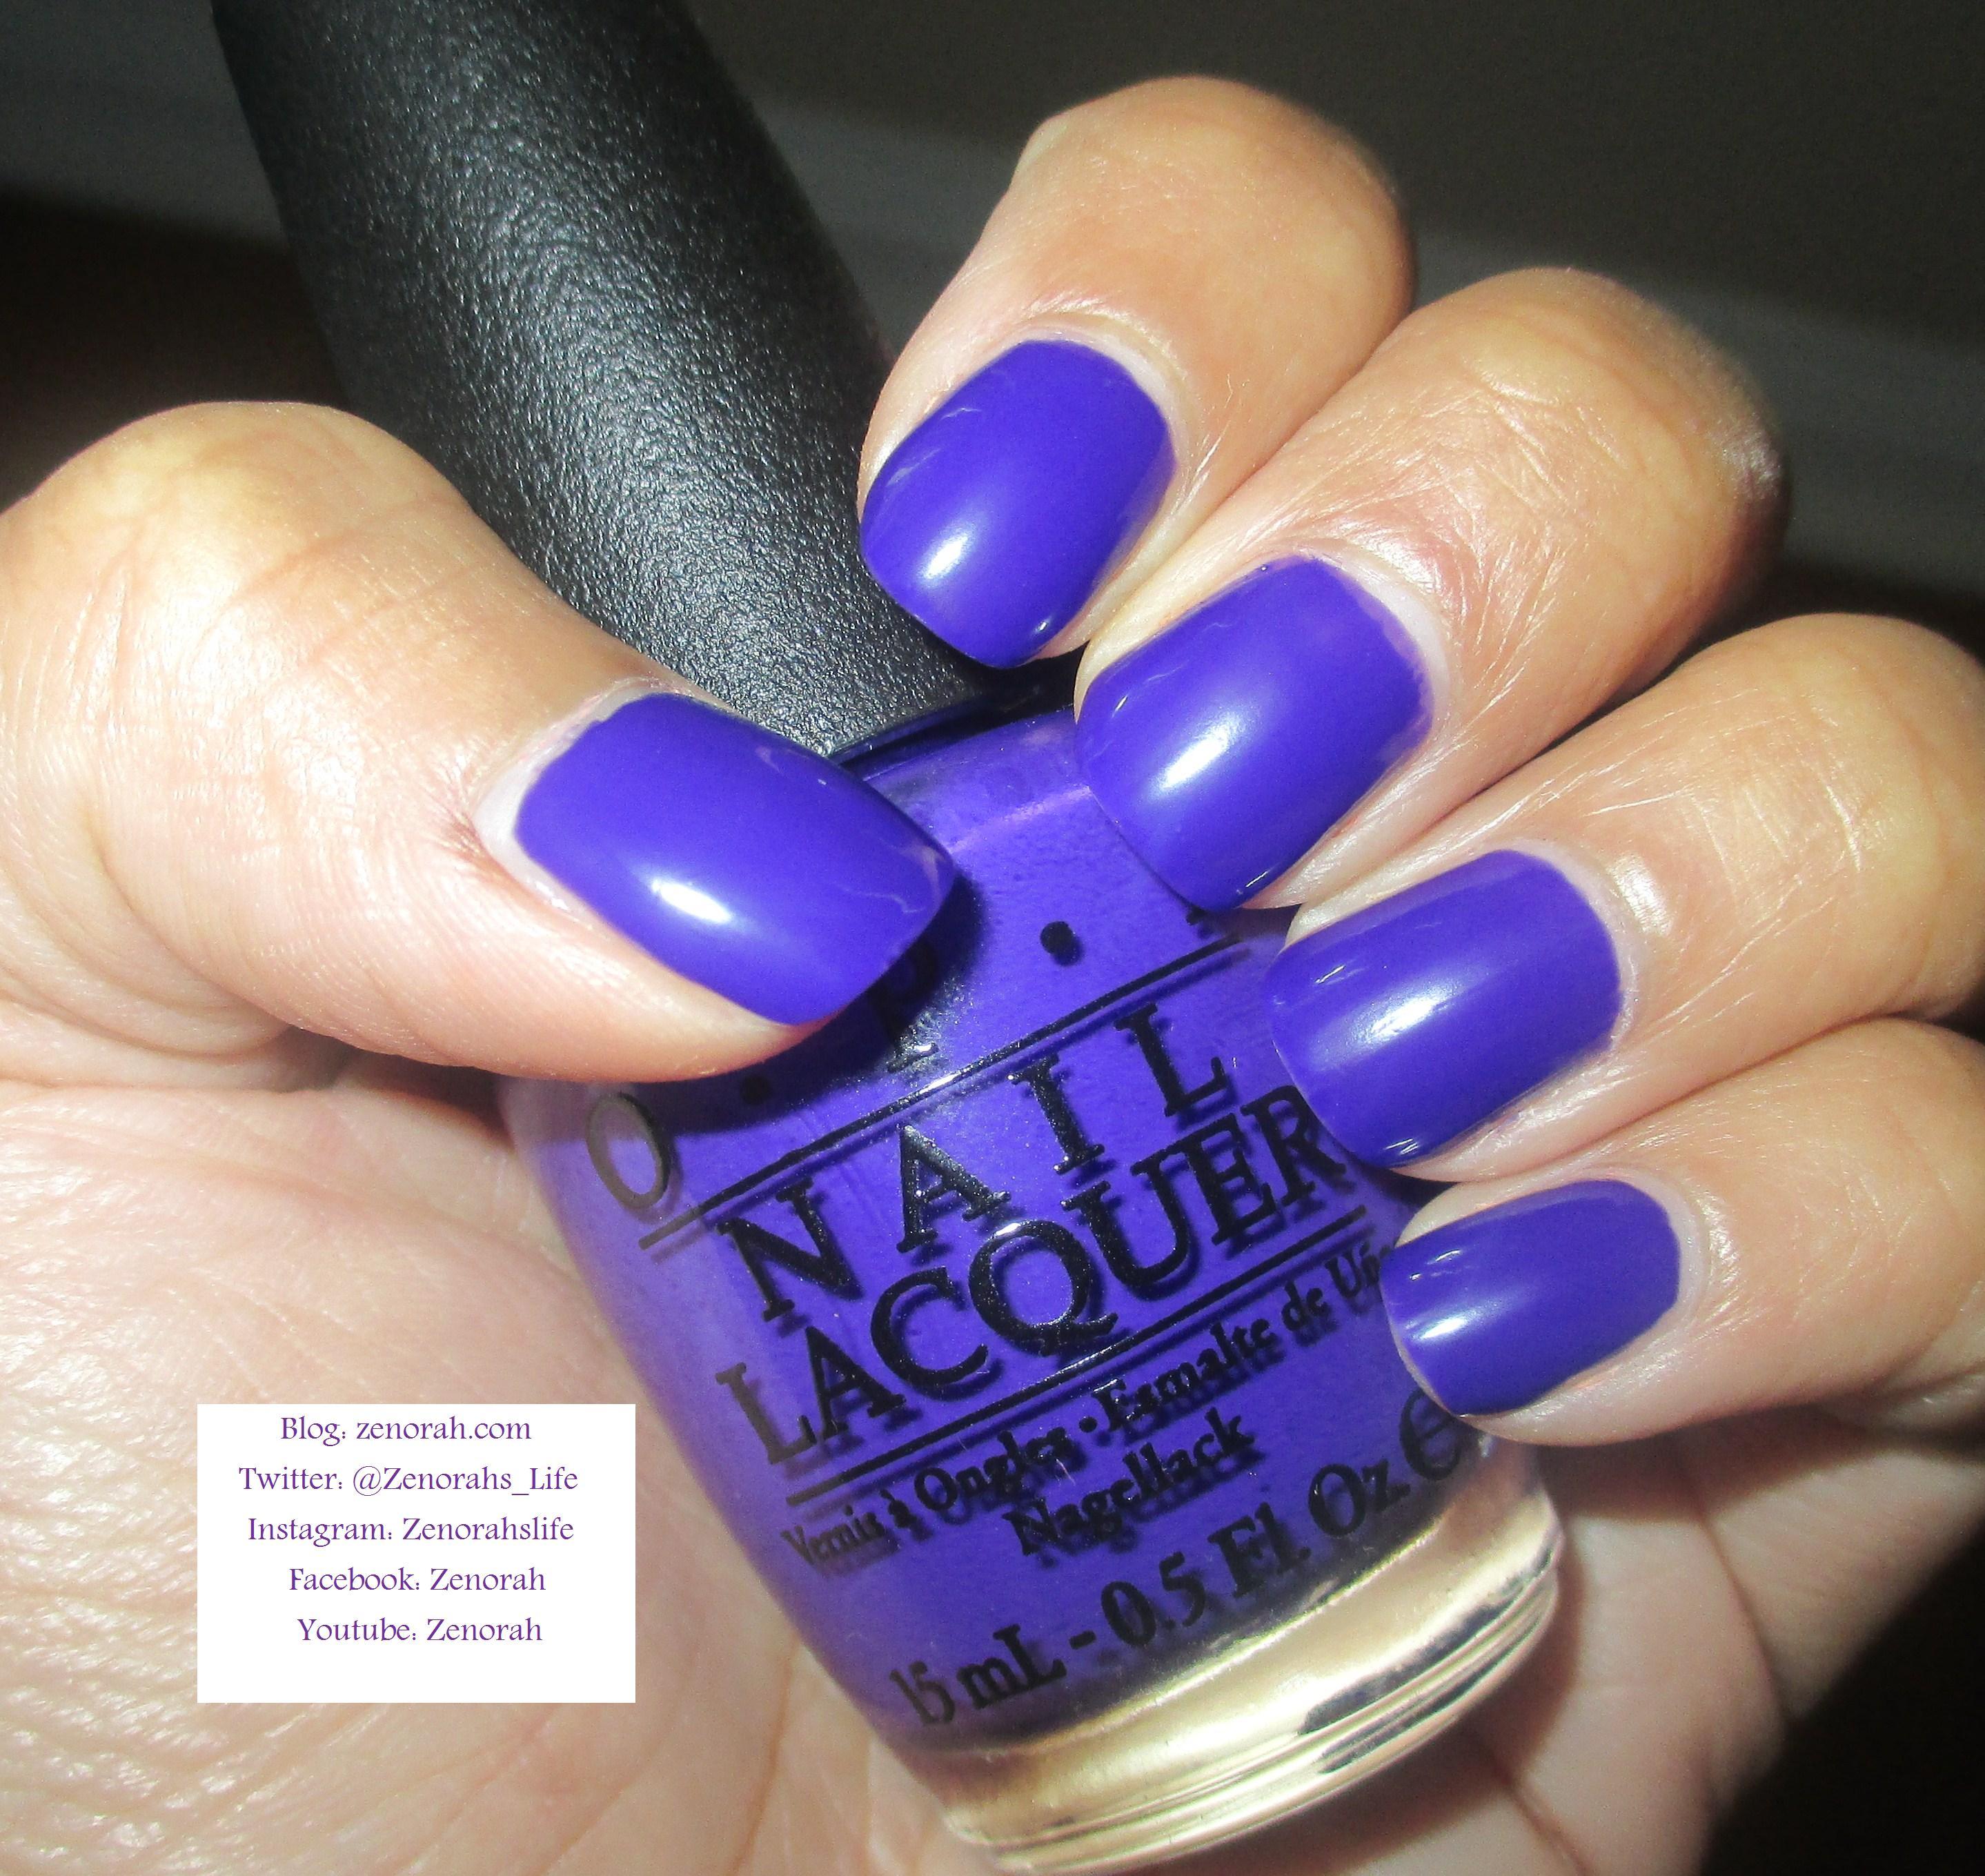 Nail Colors For Fall 2014 Opi  opi winter nail colors 2014